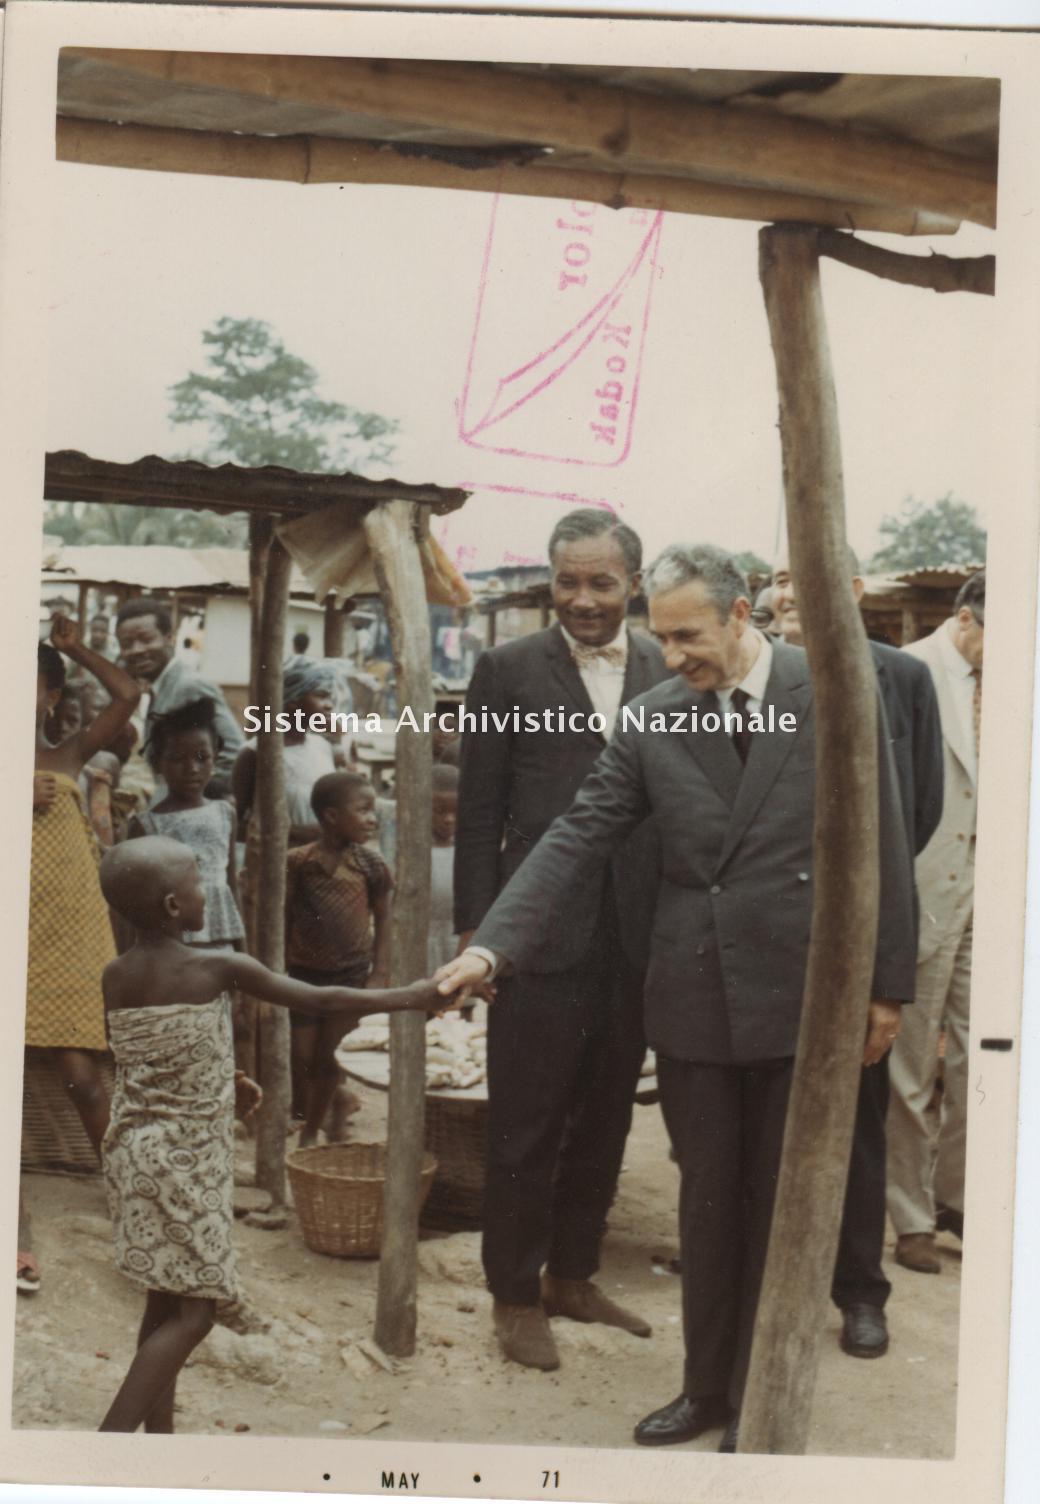 Aldo Moro, Agadir 1971